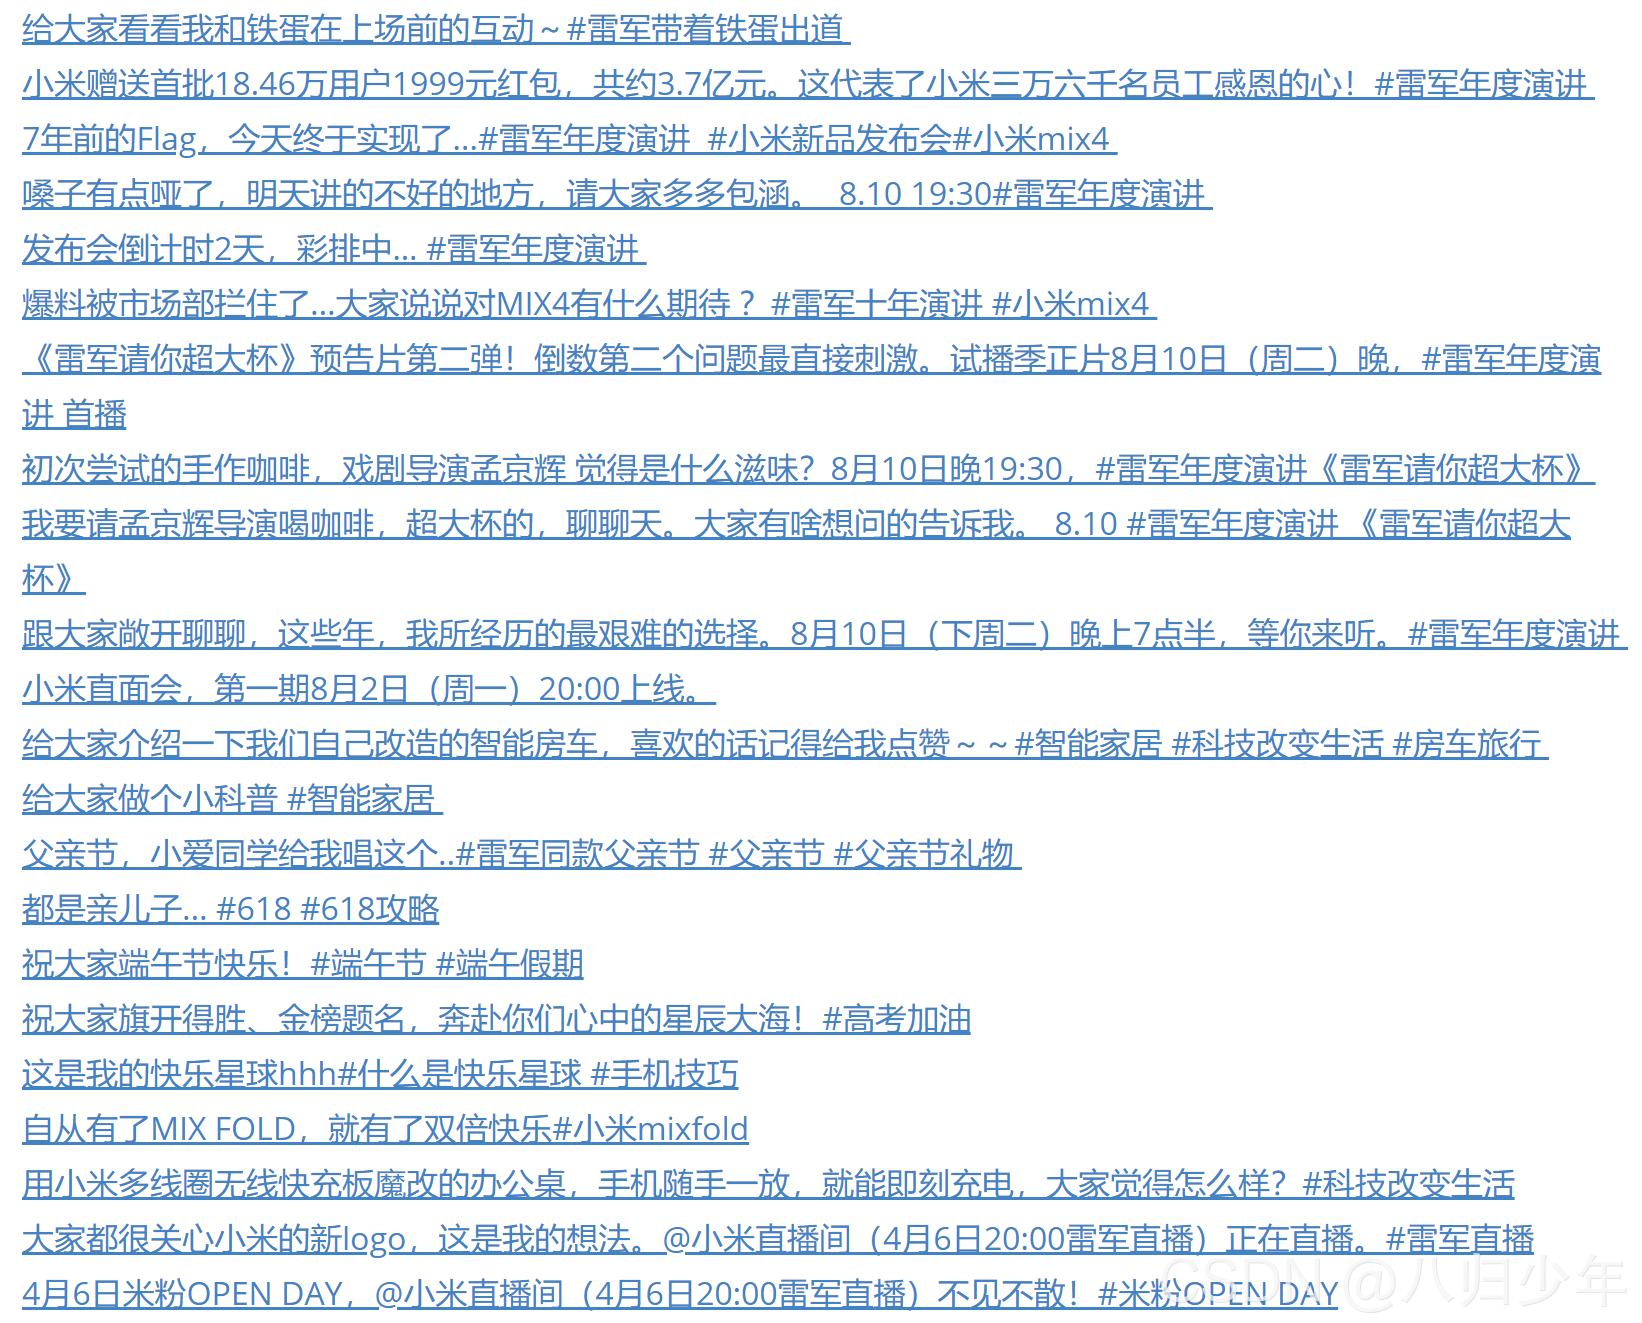 雷总视频列表截图